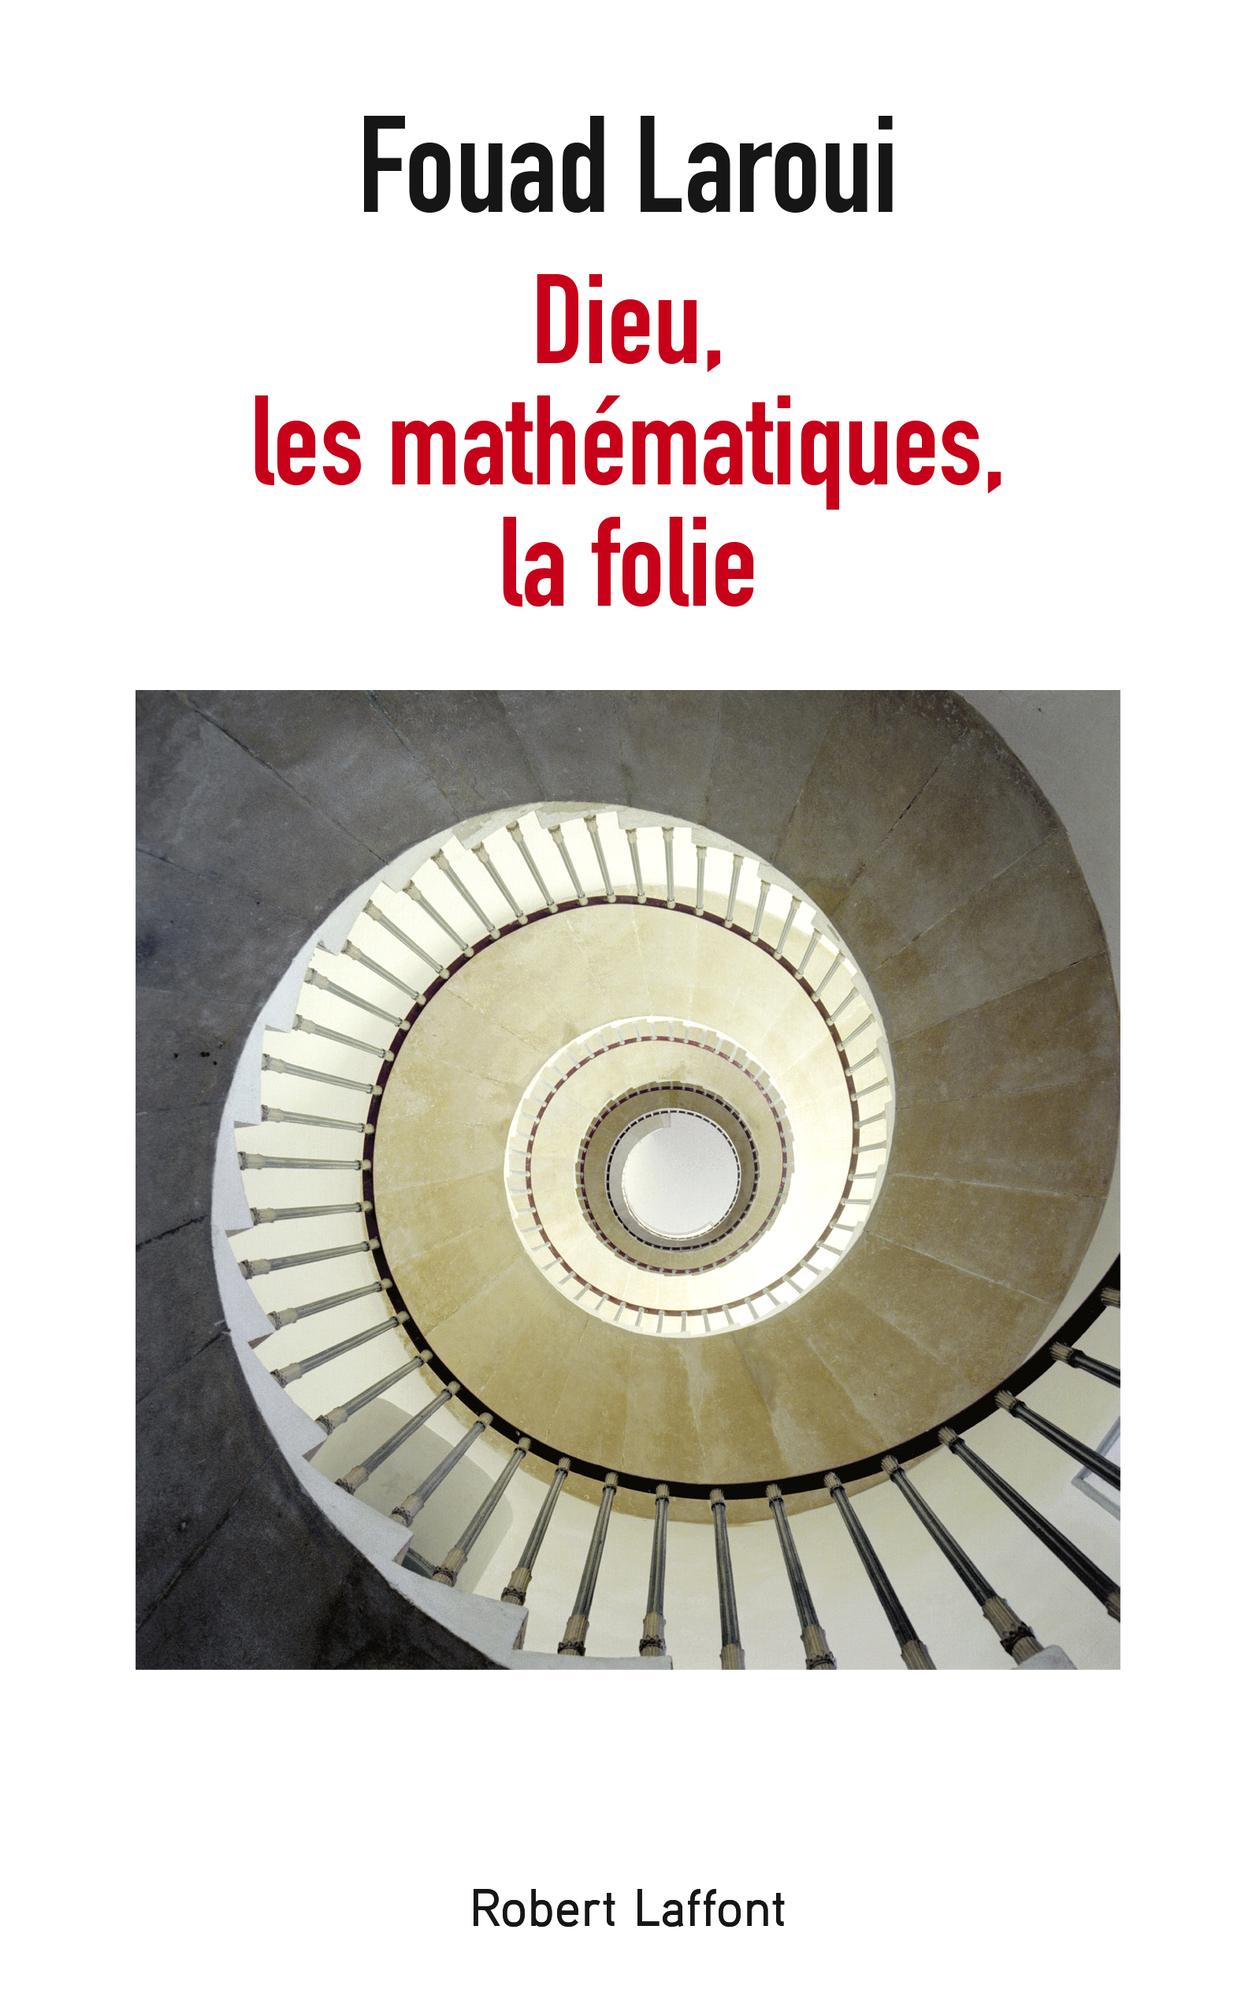 Dieu, les mathématiques, la folie, de Fouad Laroui, Robert Laffont, 270 pages, 19euros